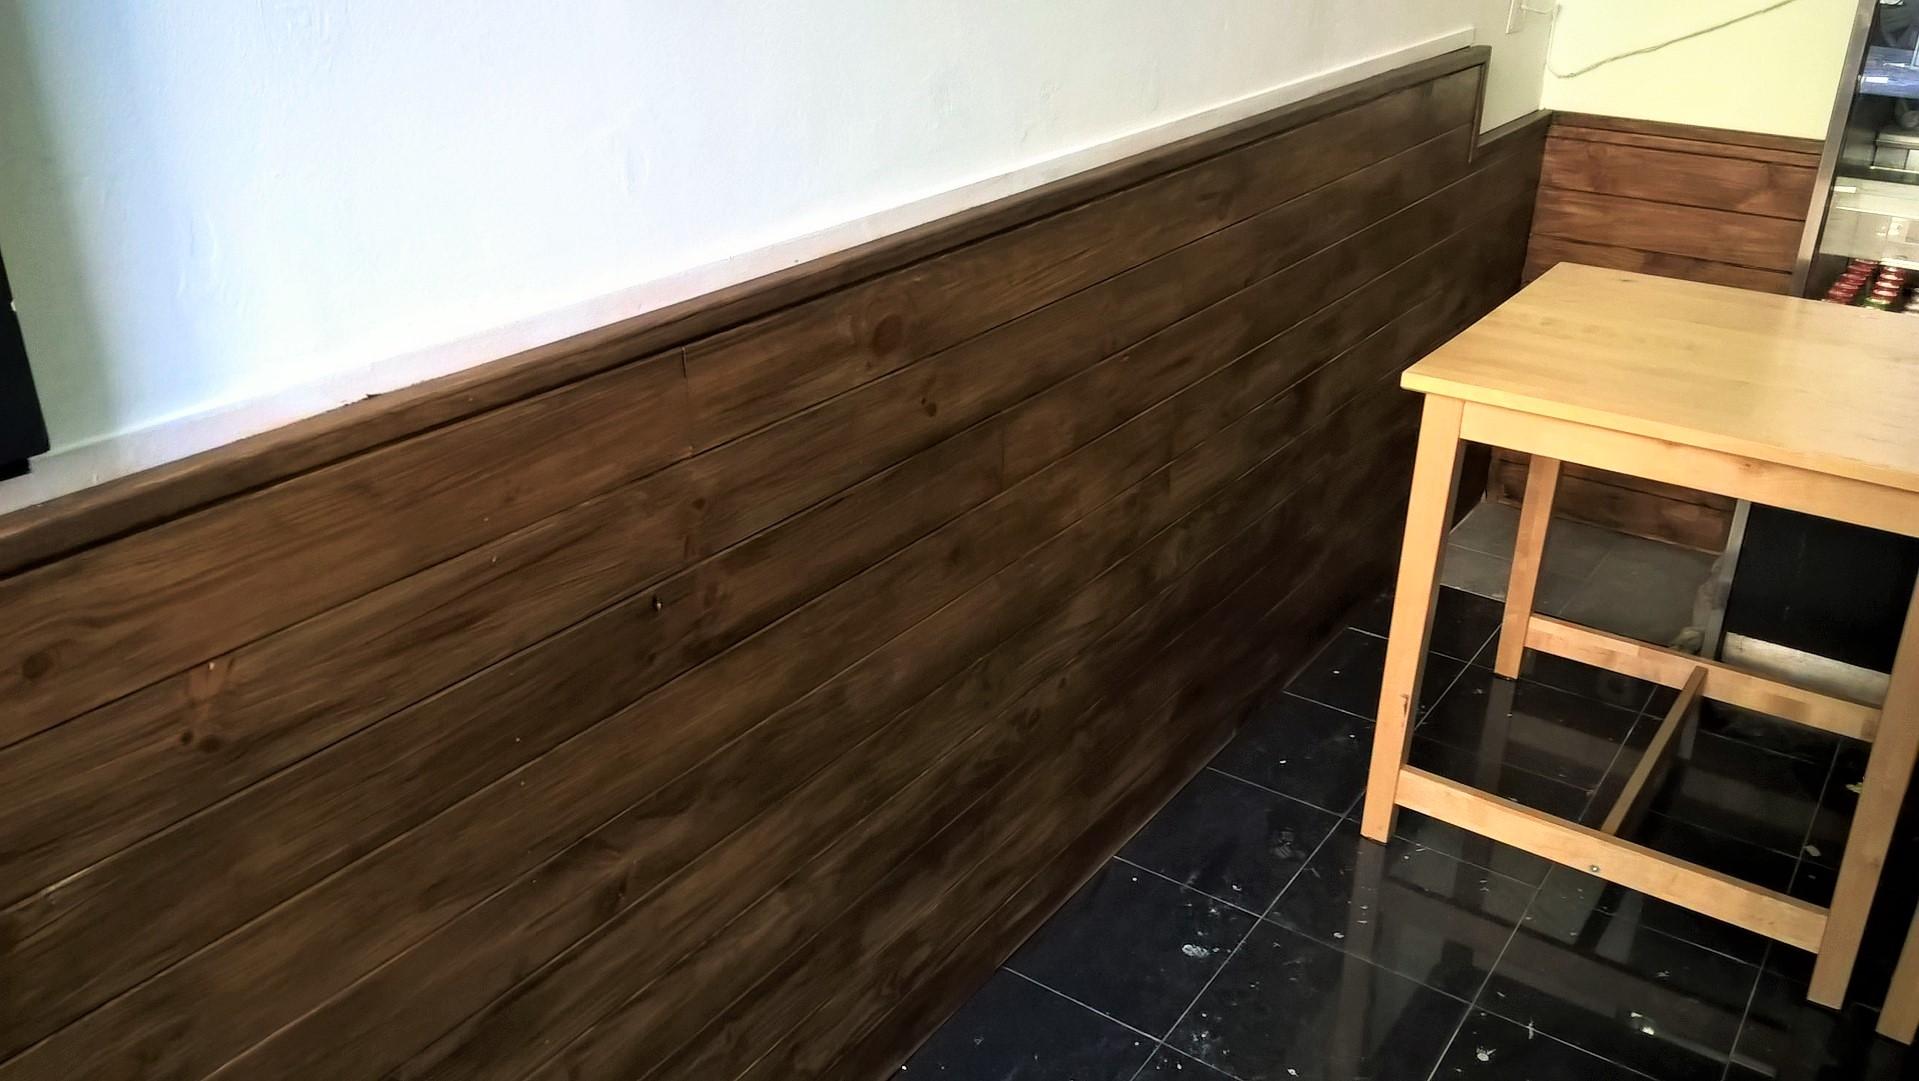 Letreiro e interiores em madeira para café - Signalétique et intérieur en bois pour café